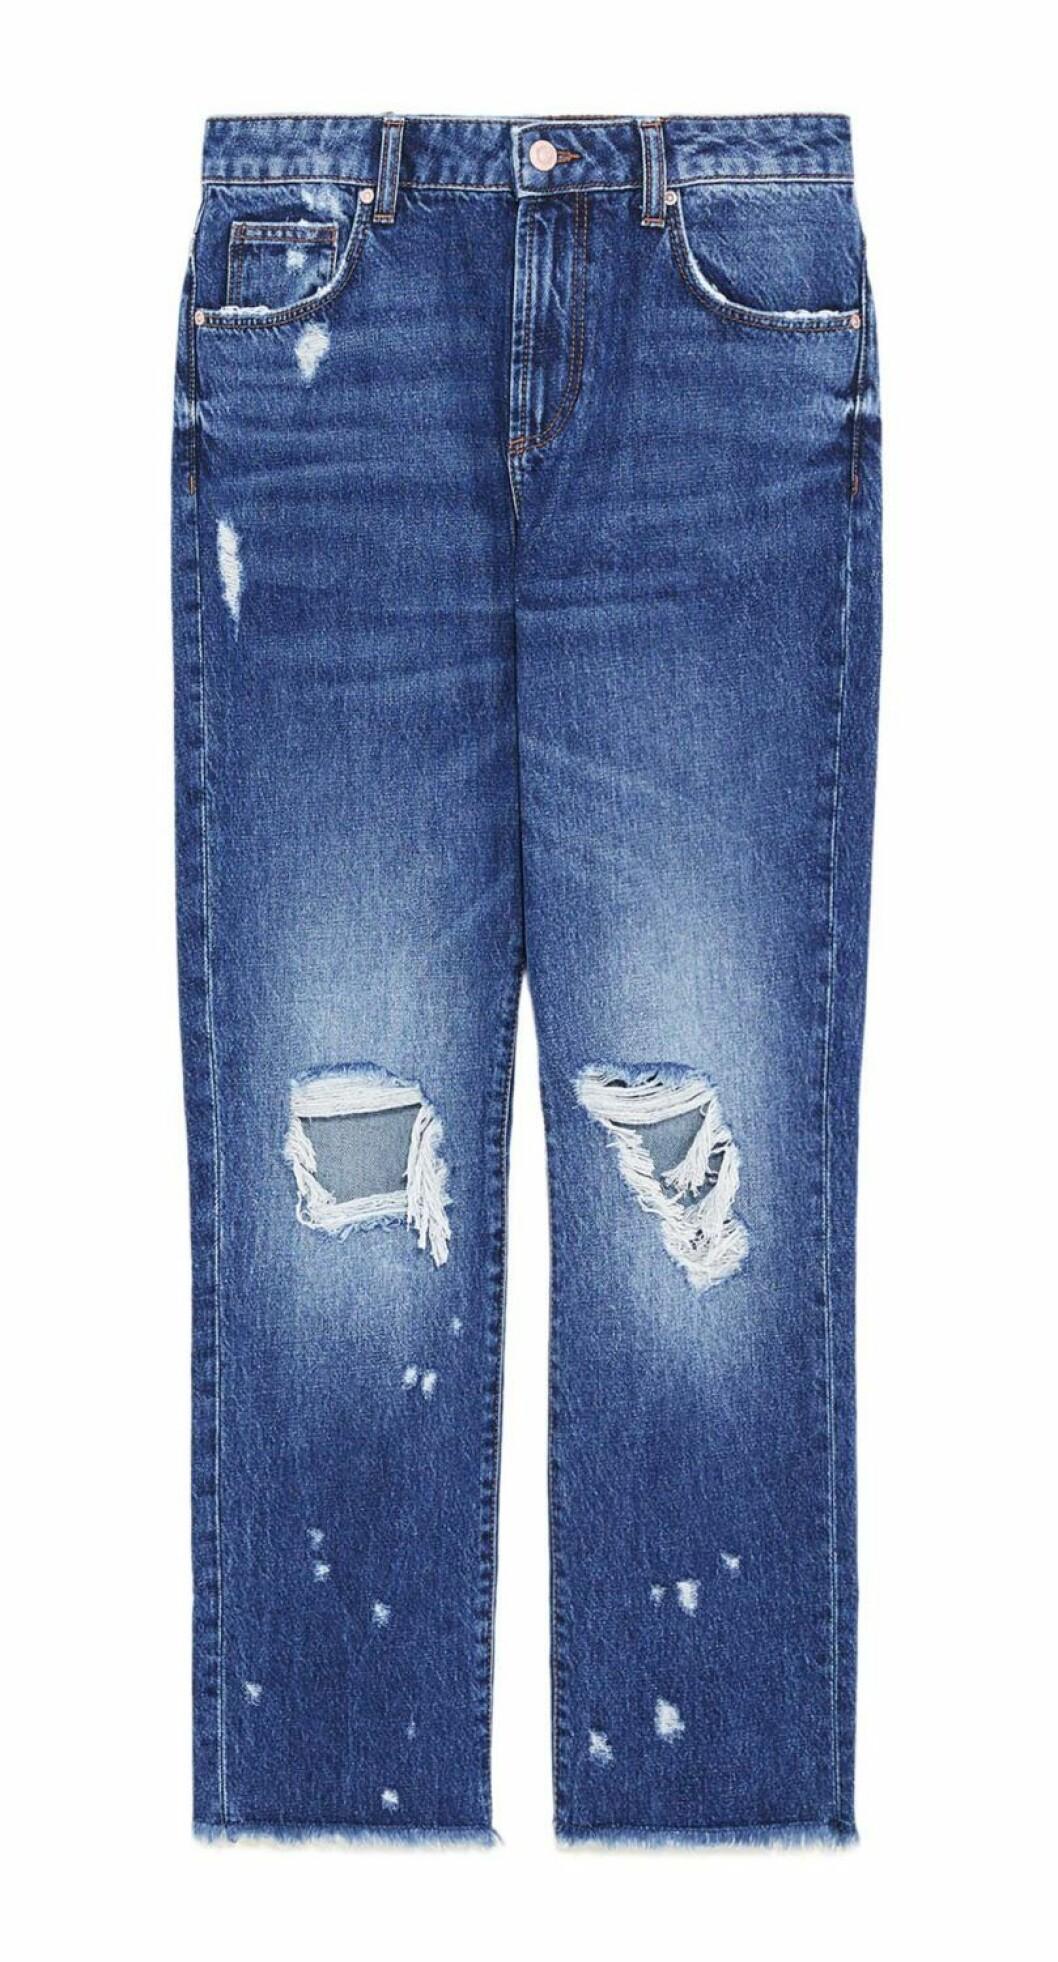 denim-jeans-slitna-zara